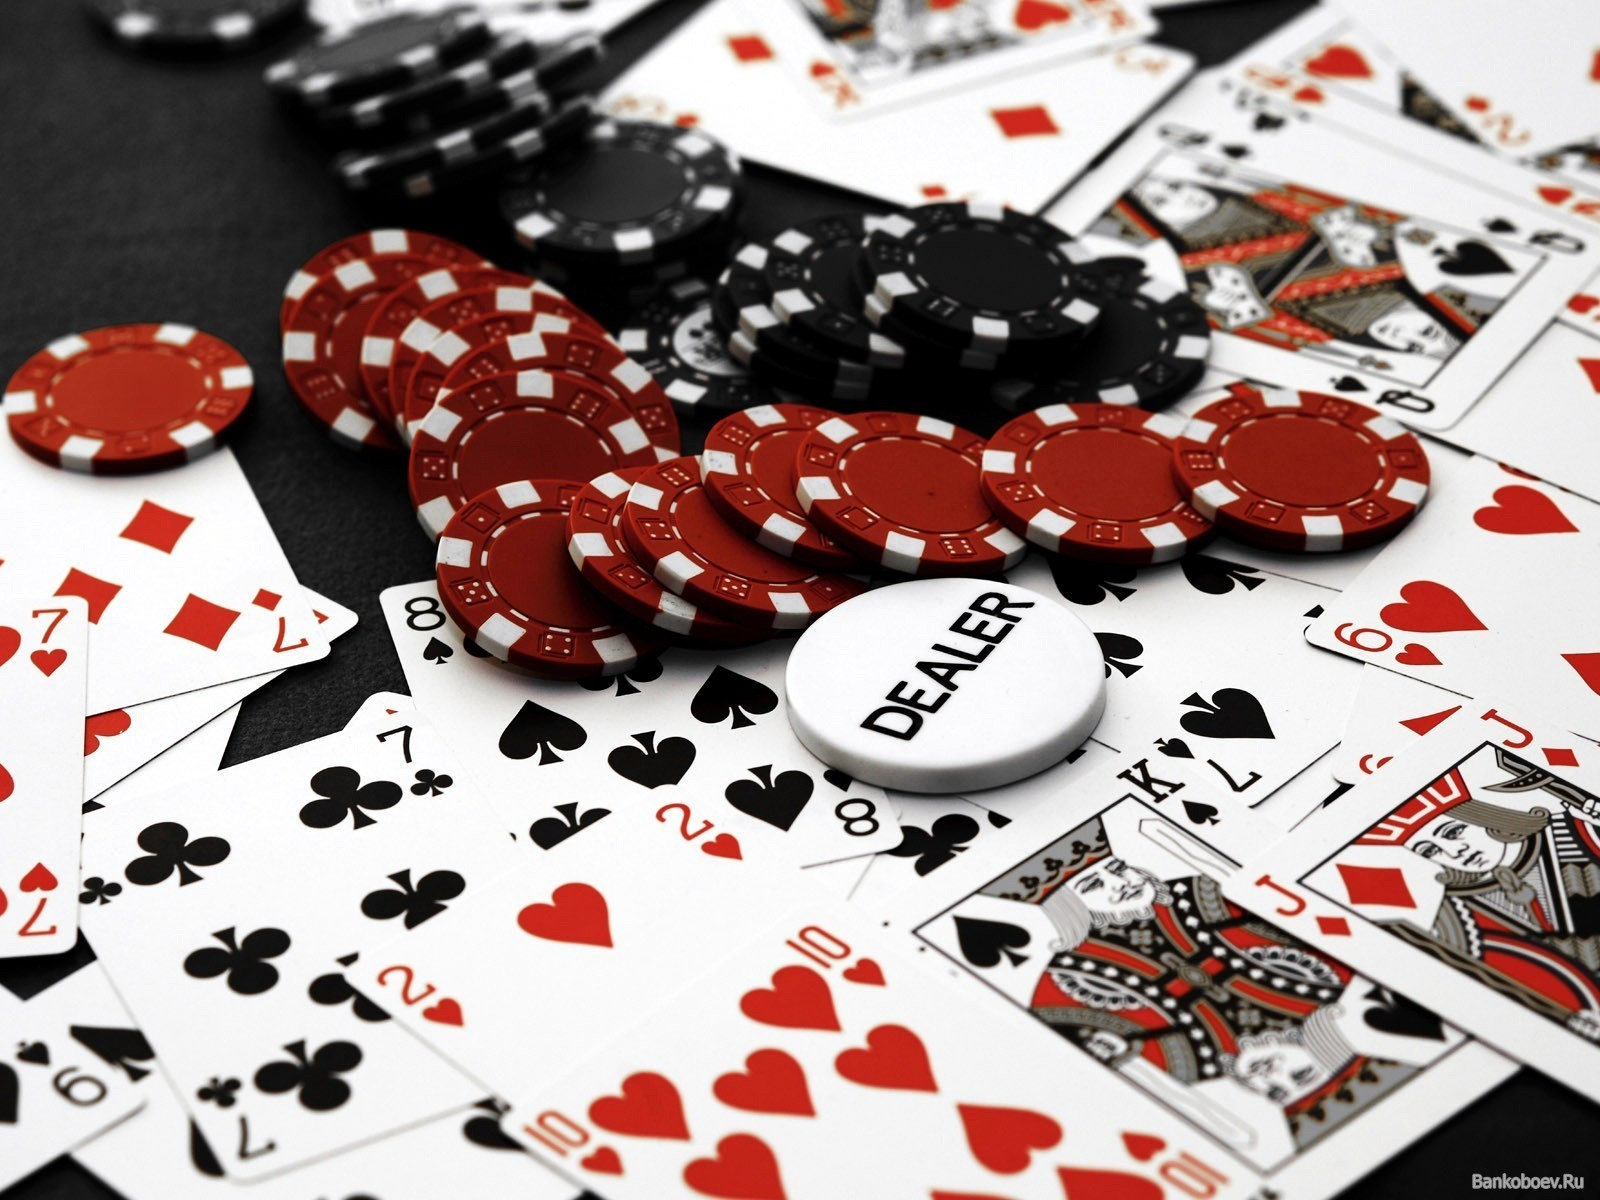 http://2.bp.blogspot.com/-ARRZWPB6_P8/Tfa8tlf1_OI/AAAAAAAAAII/7Zqoo4NKe2s/s1600/poker_.jpg